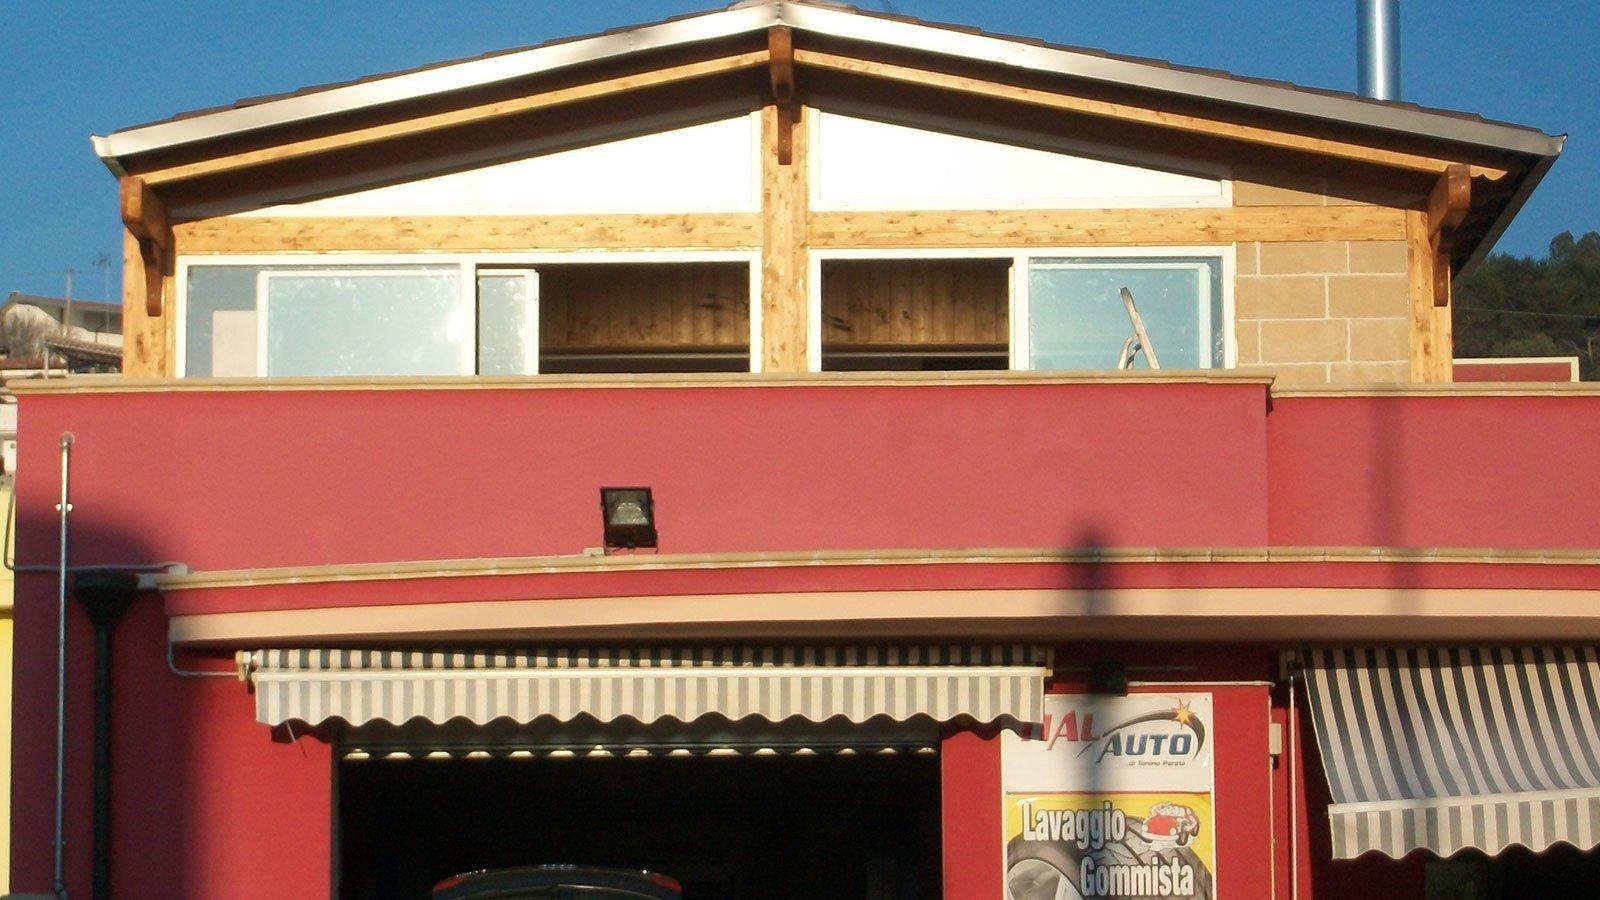 facciata di uno stabile con delle portefinestre aperte